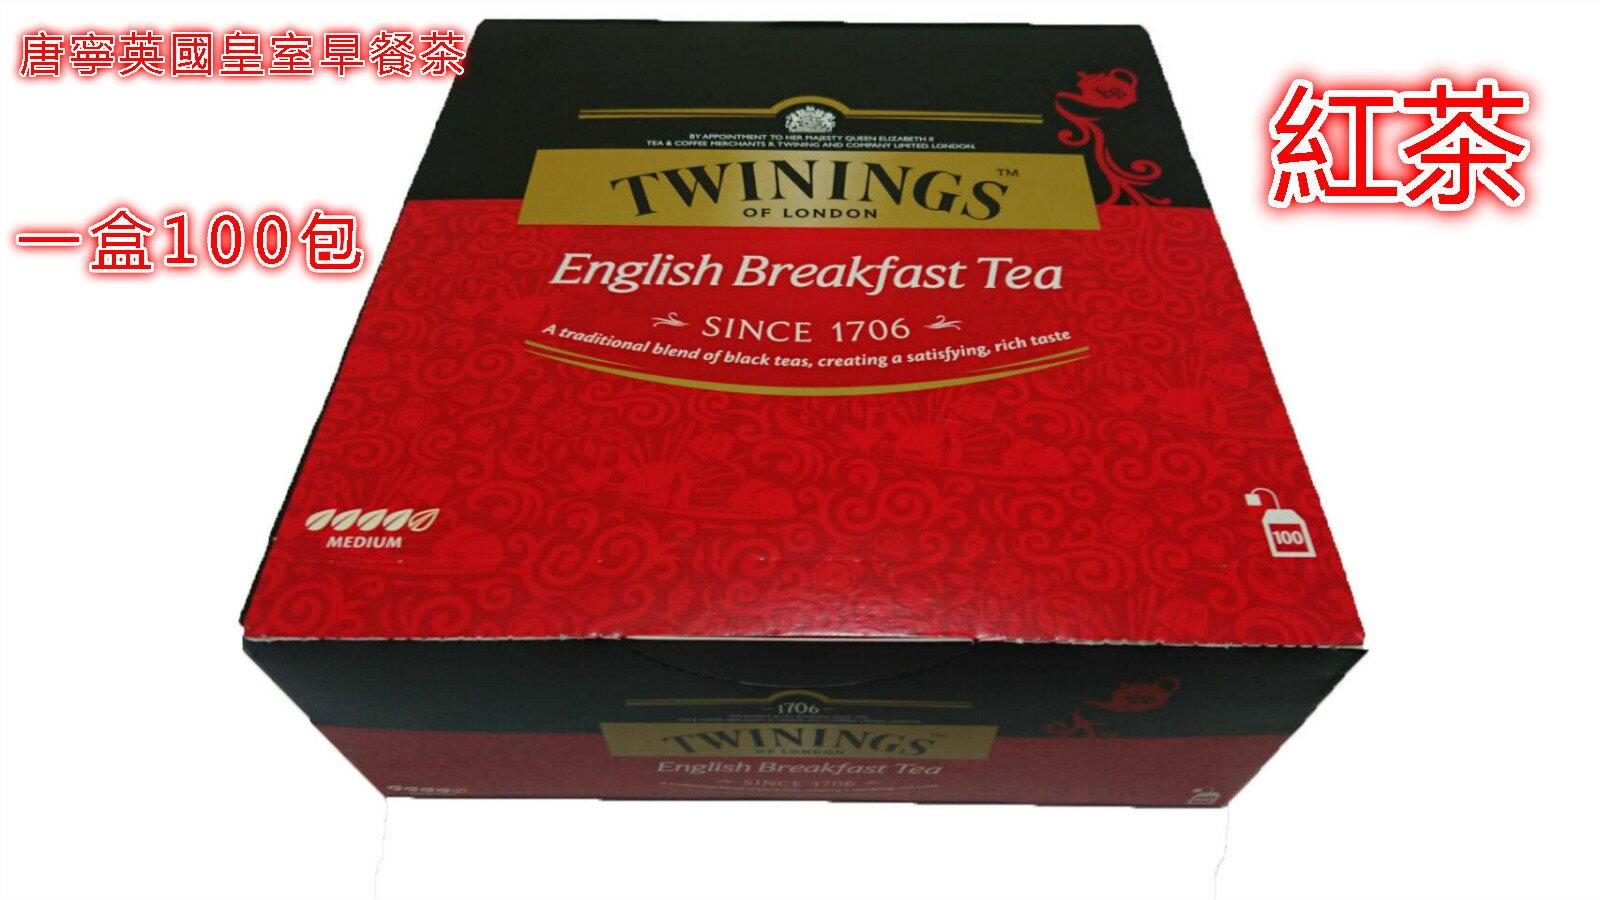 ❤含發票❤團購價❤泡茶首選❤唐寧英國皇室御用茶包❤英倫早餐紅茶綠茶阿薩姆麥香無糖